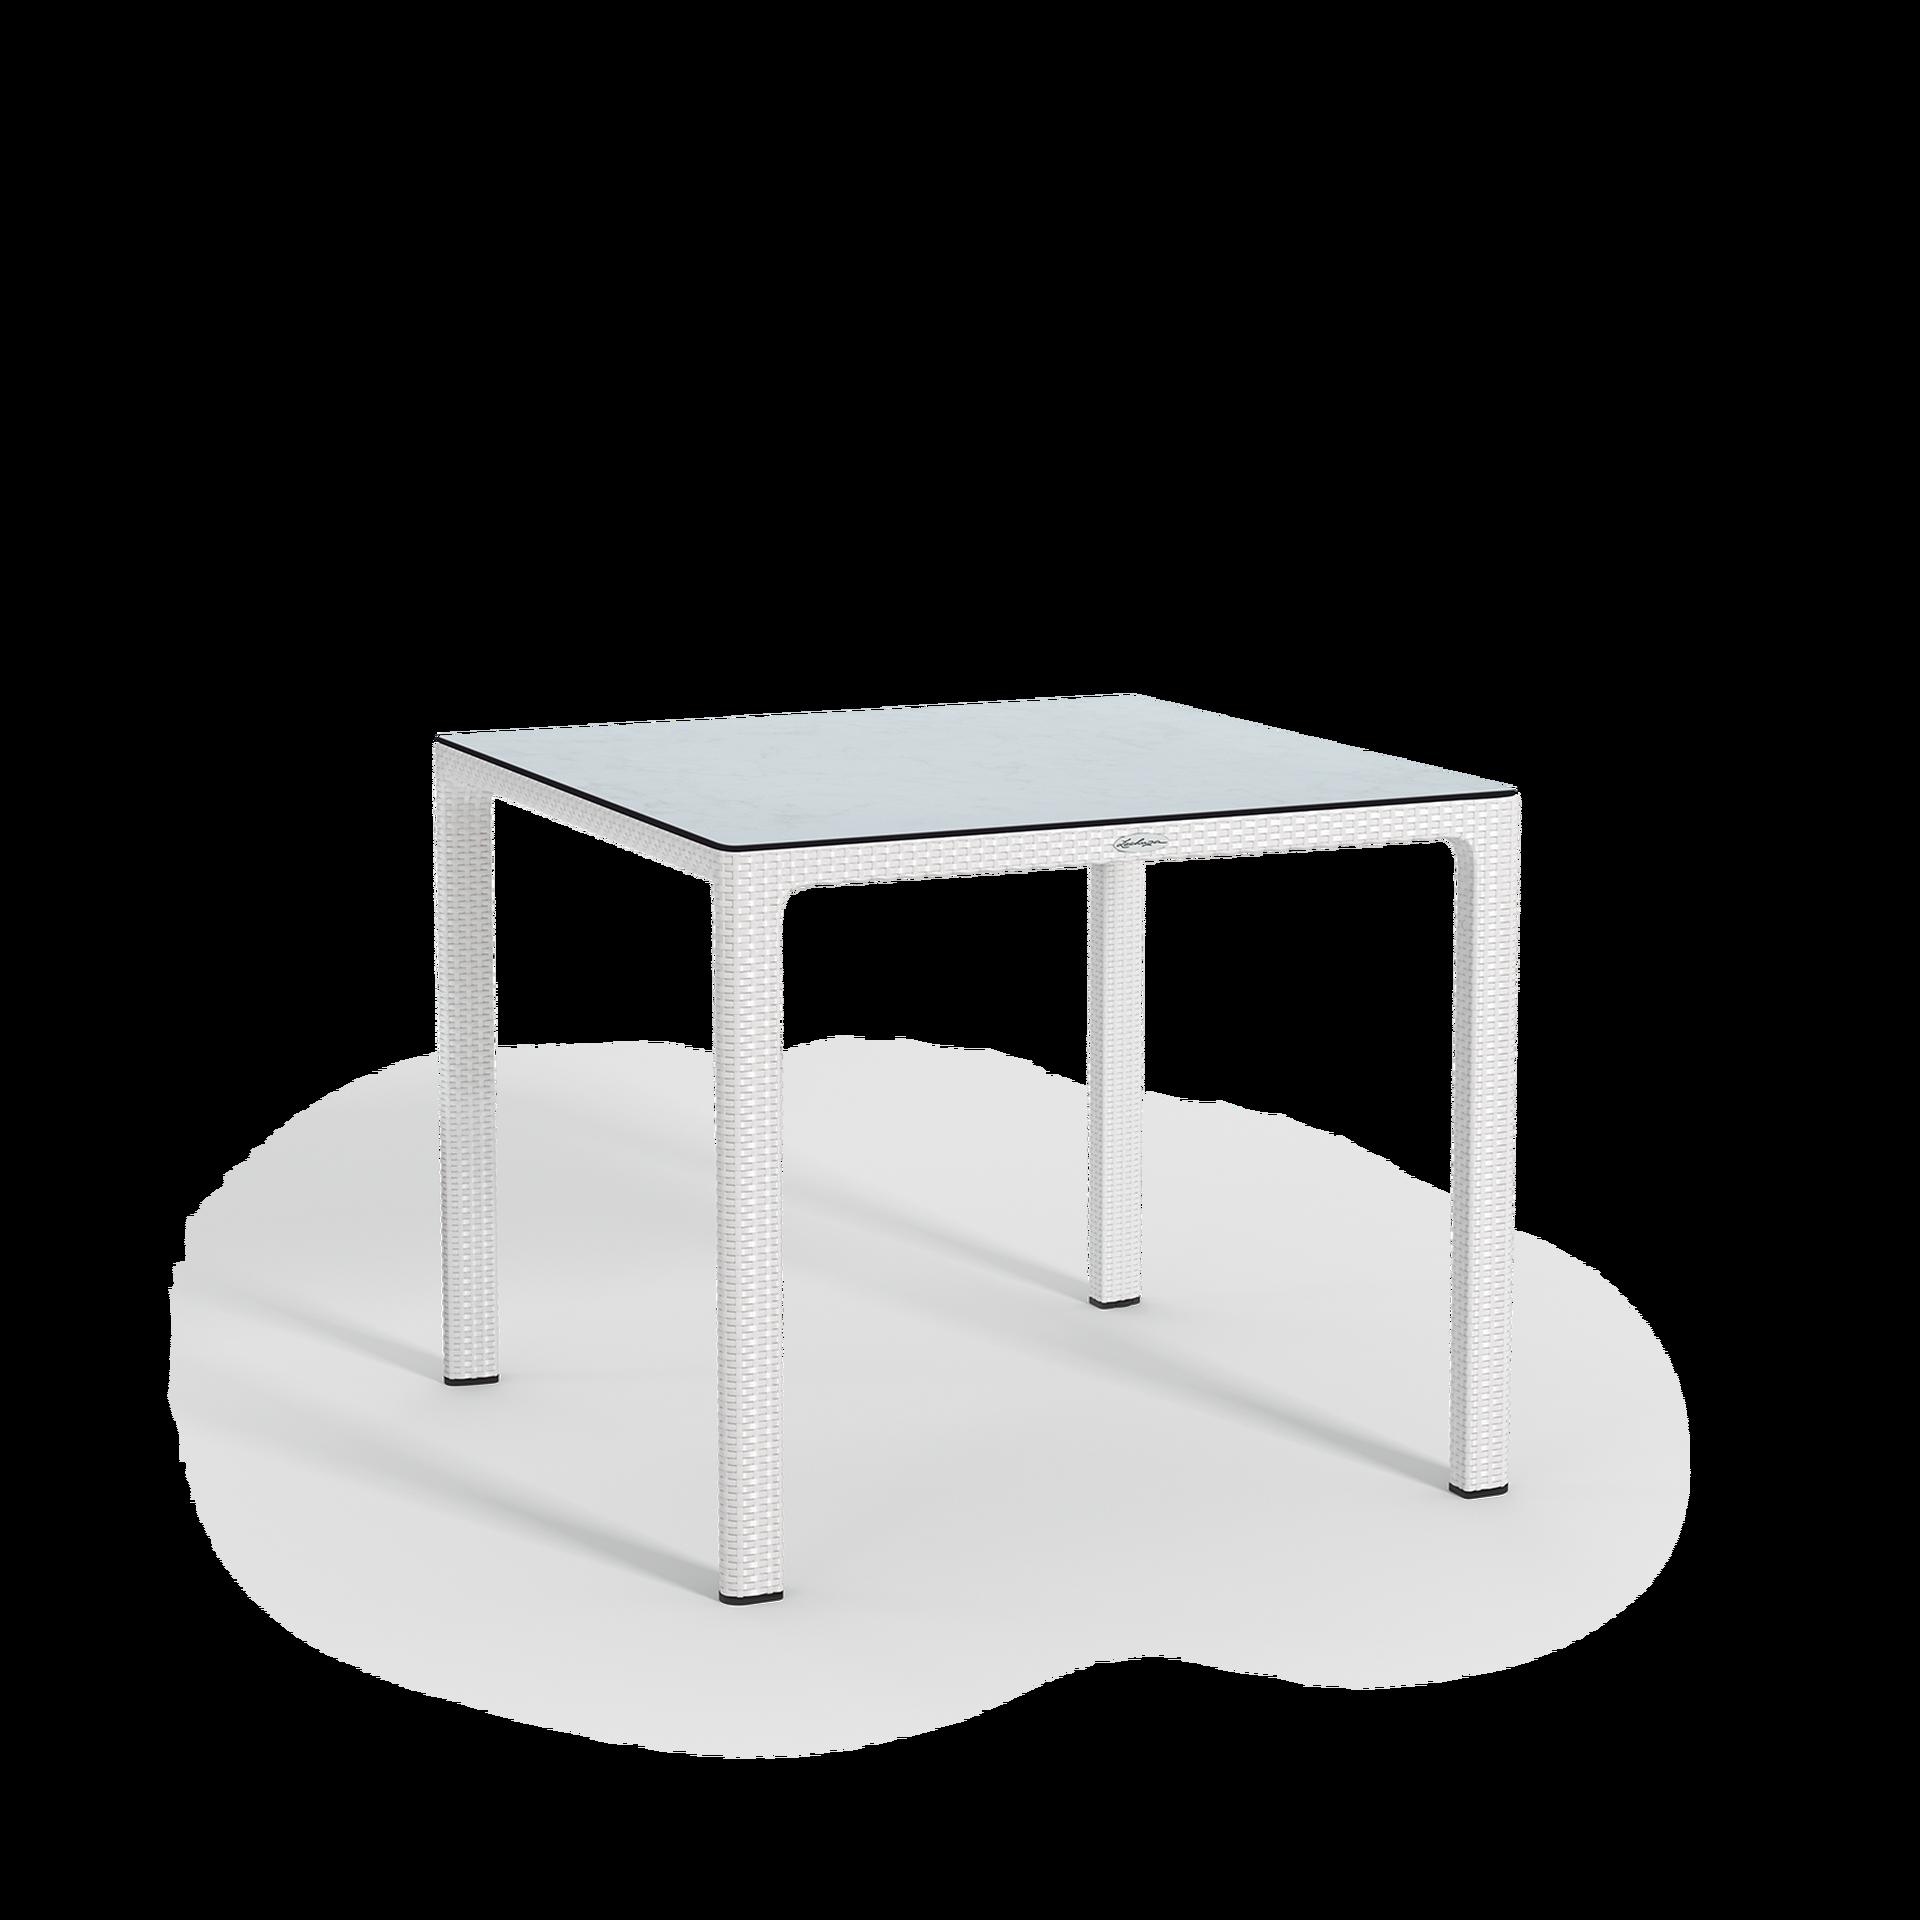 Τραπέζι φαγητού με επιφάνεια HPL, μικρό white